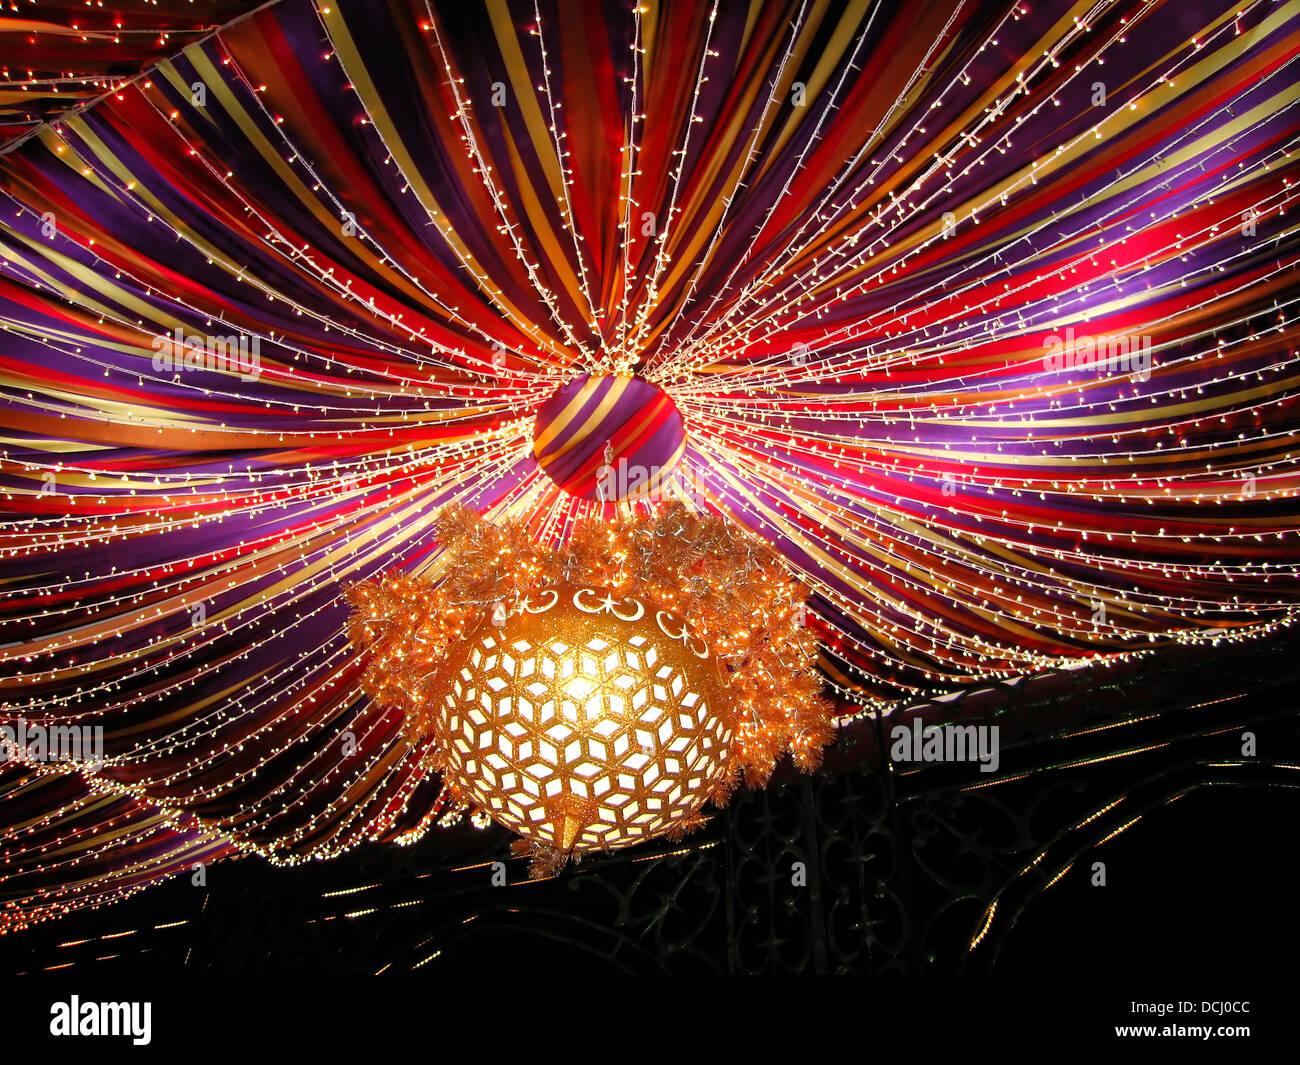 Decoración de Navidad X-mas cintas Fiesta luces brillantes,25 de diciembre Imagen De Stock